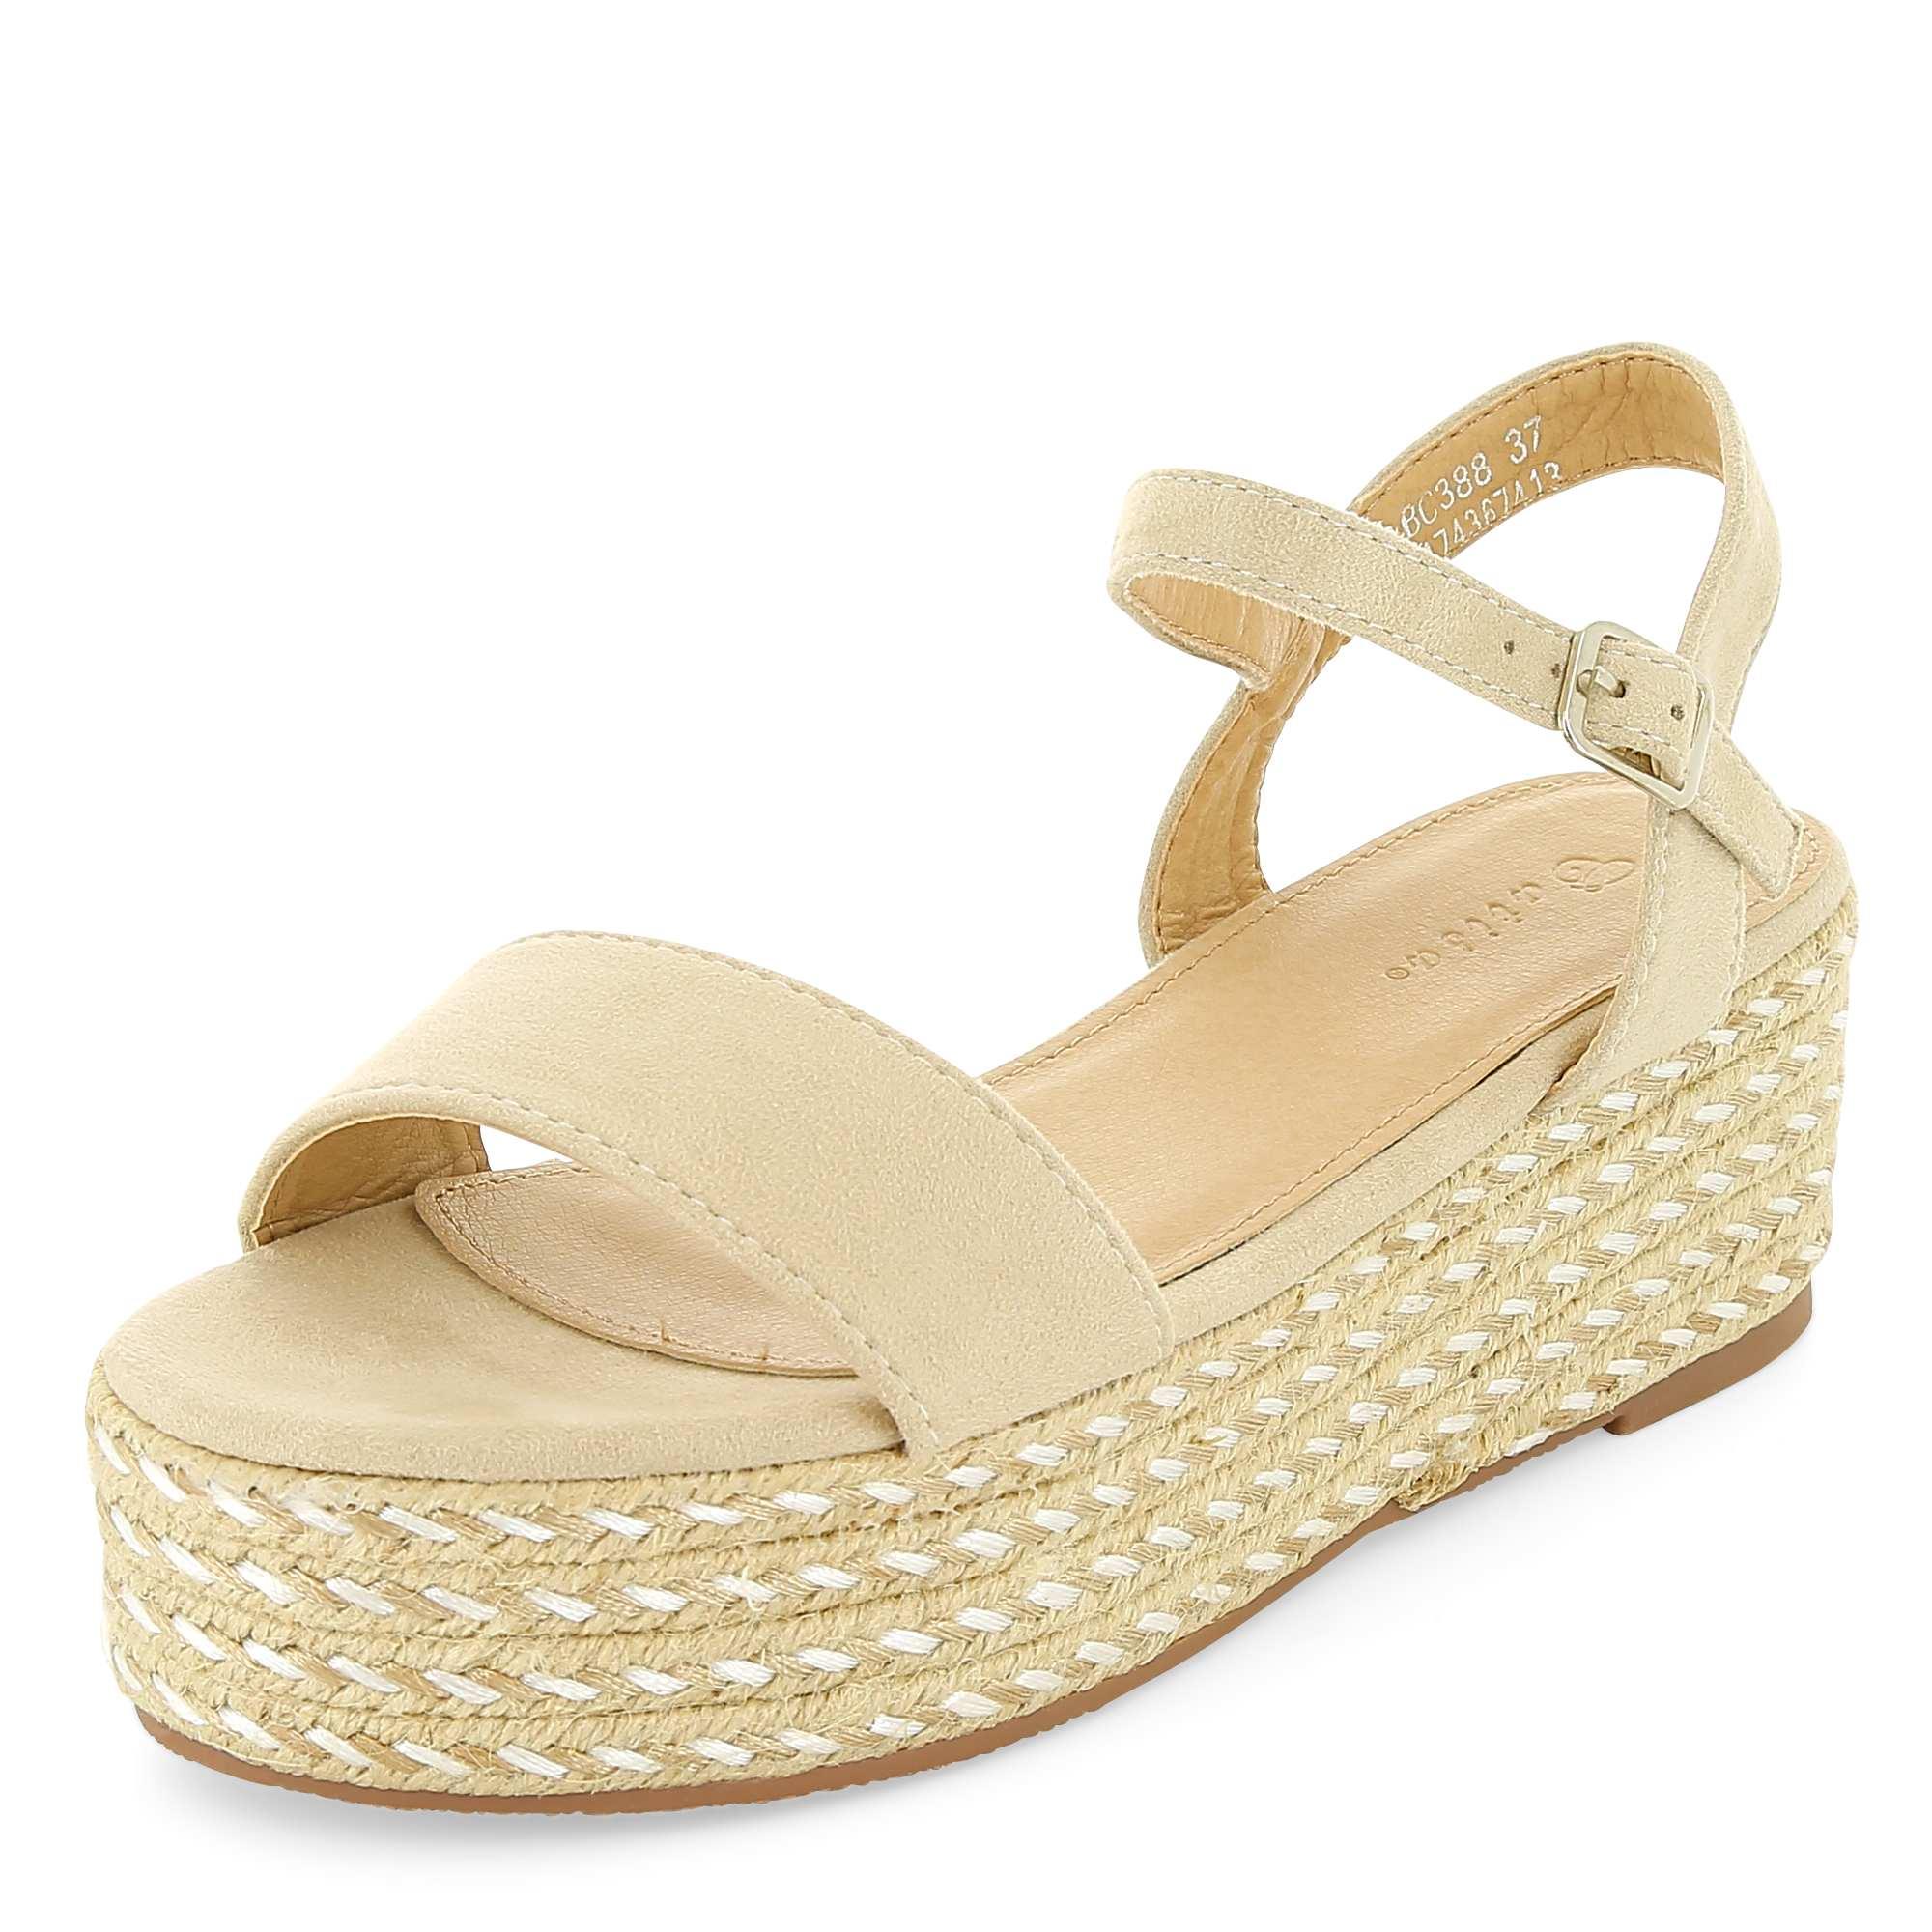 Couleur : beige, , ,, - Taille : 39, 40, ,,Prenez de la hauteur avec ces sandales à plateformes ! - Sandales à plateformes -